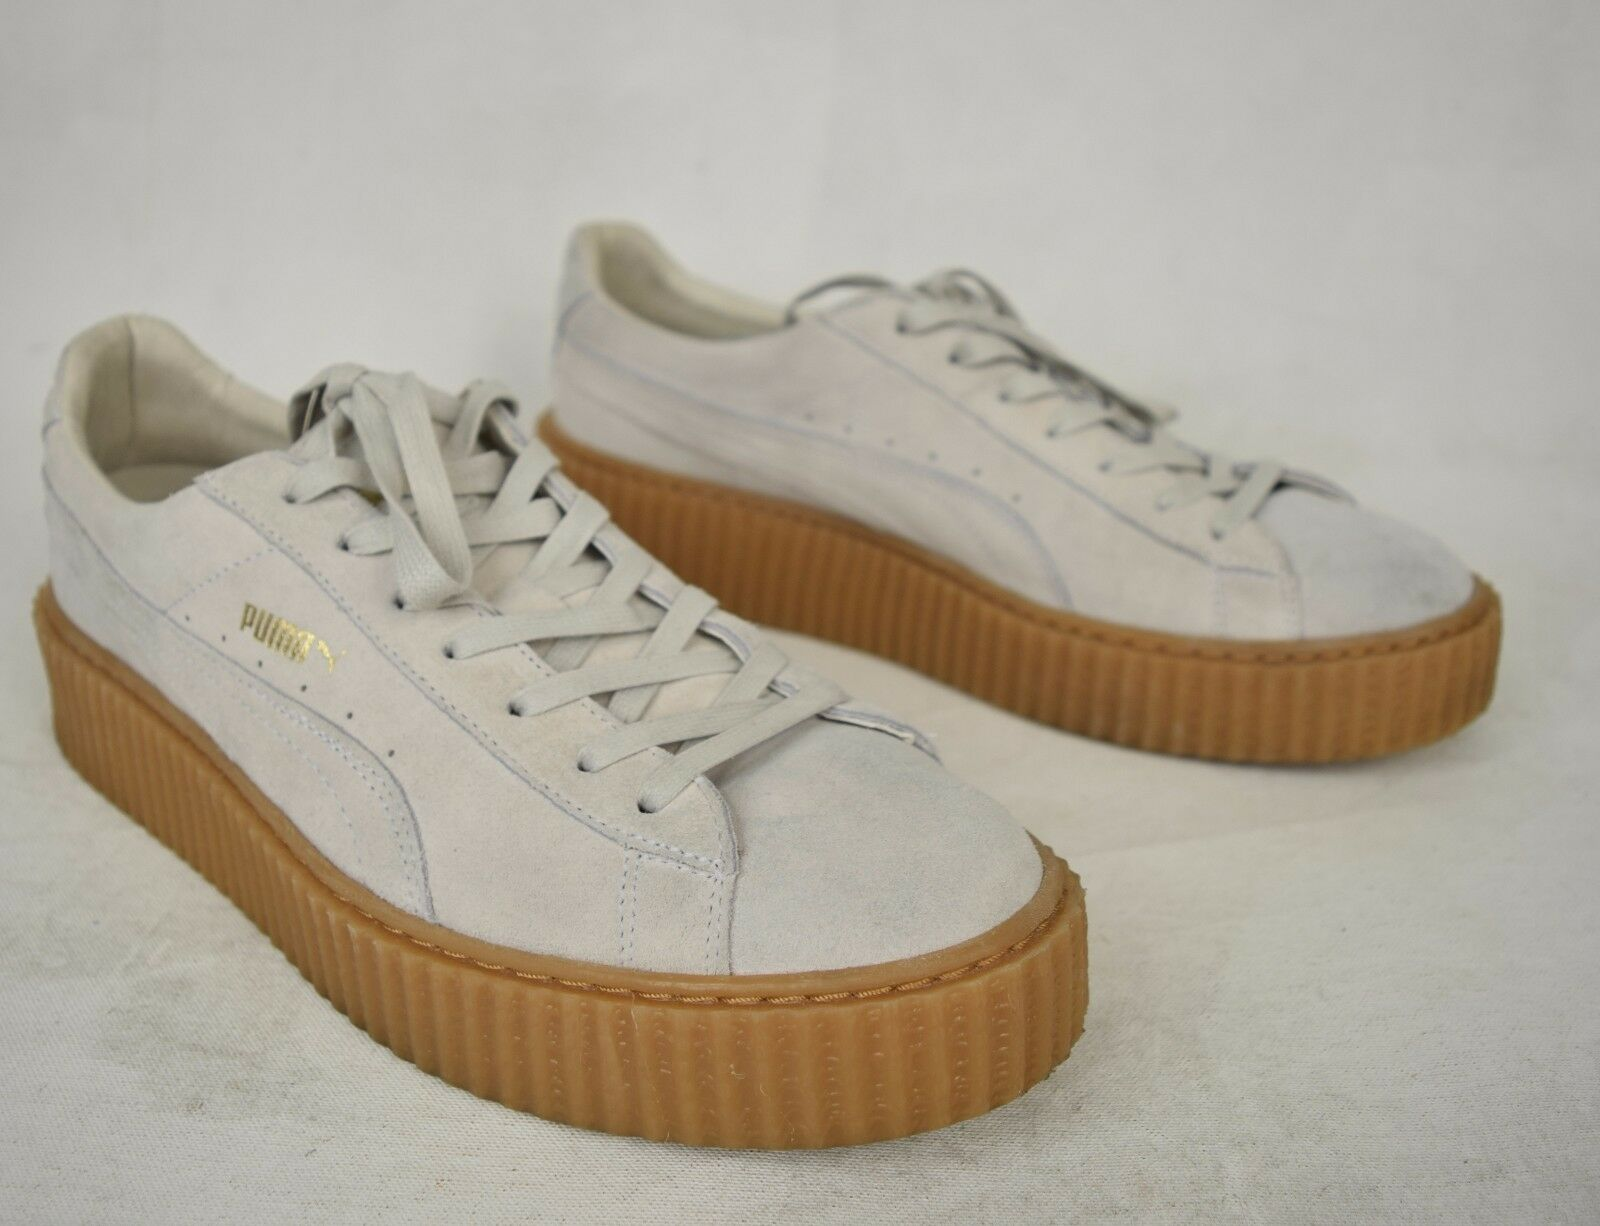 Puma Rihanna Fenty shoes Suede Creepers White Oatmeal Grey 11 Mens 362178 03